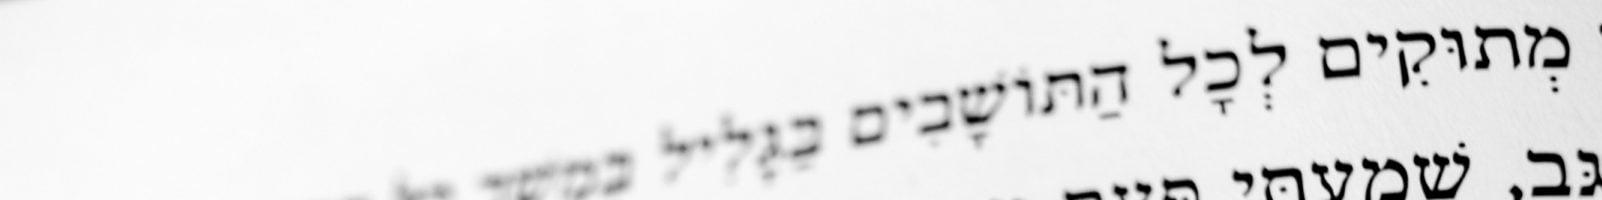 Péndulo Hebreo a distancia